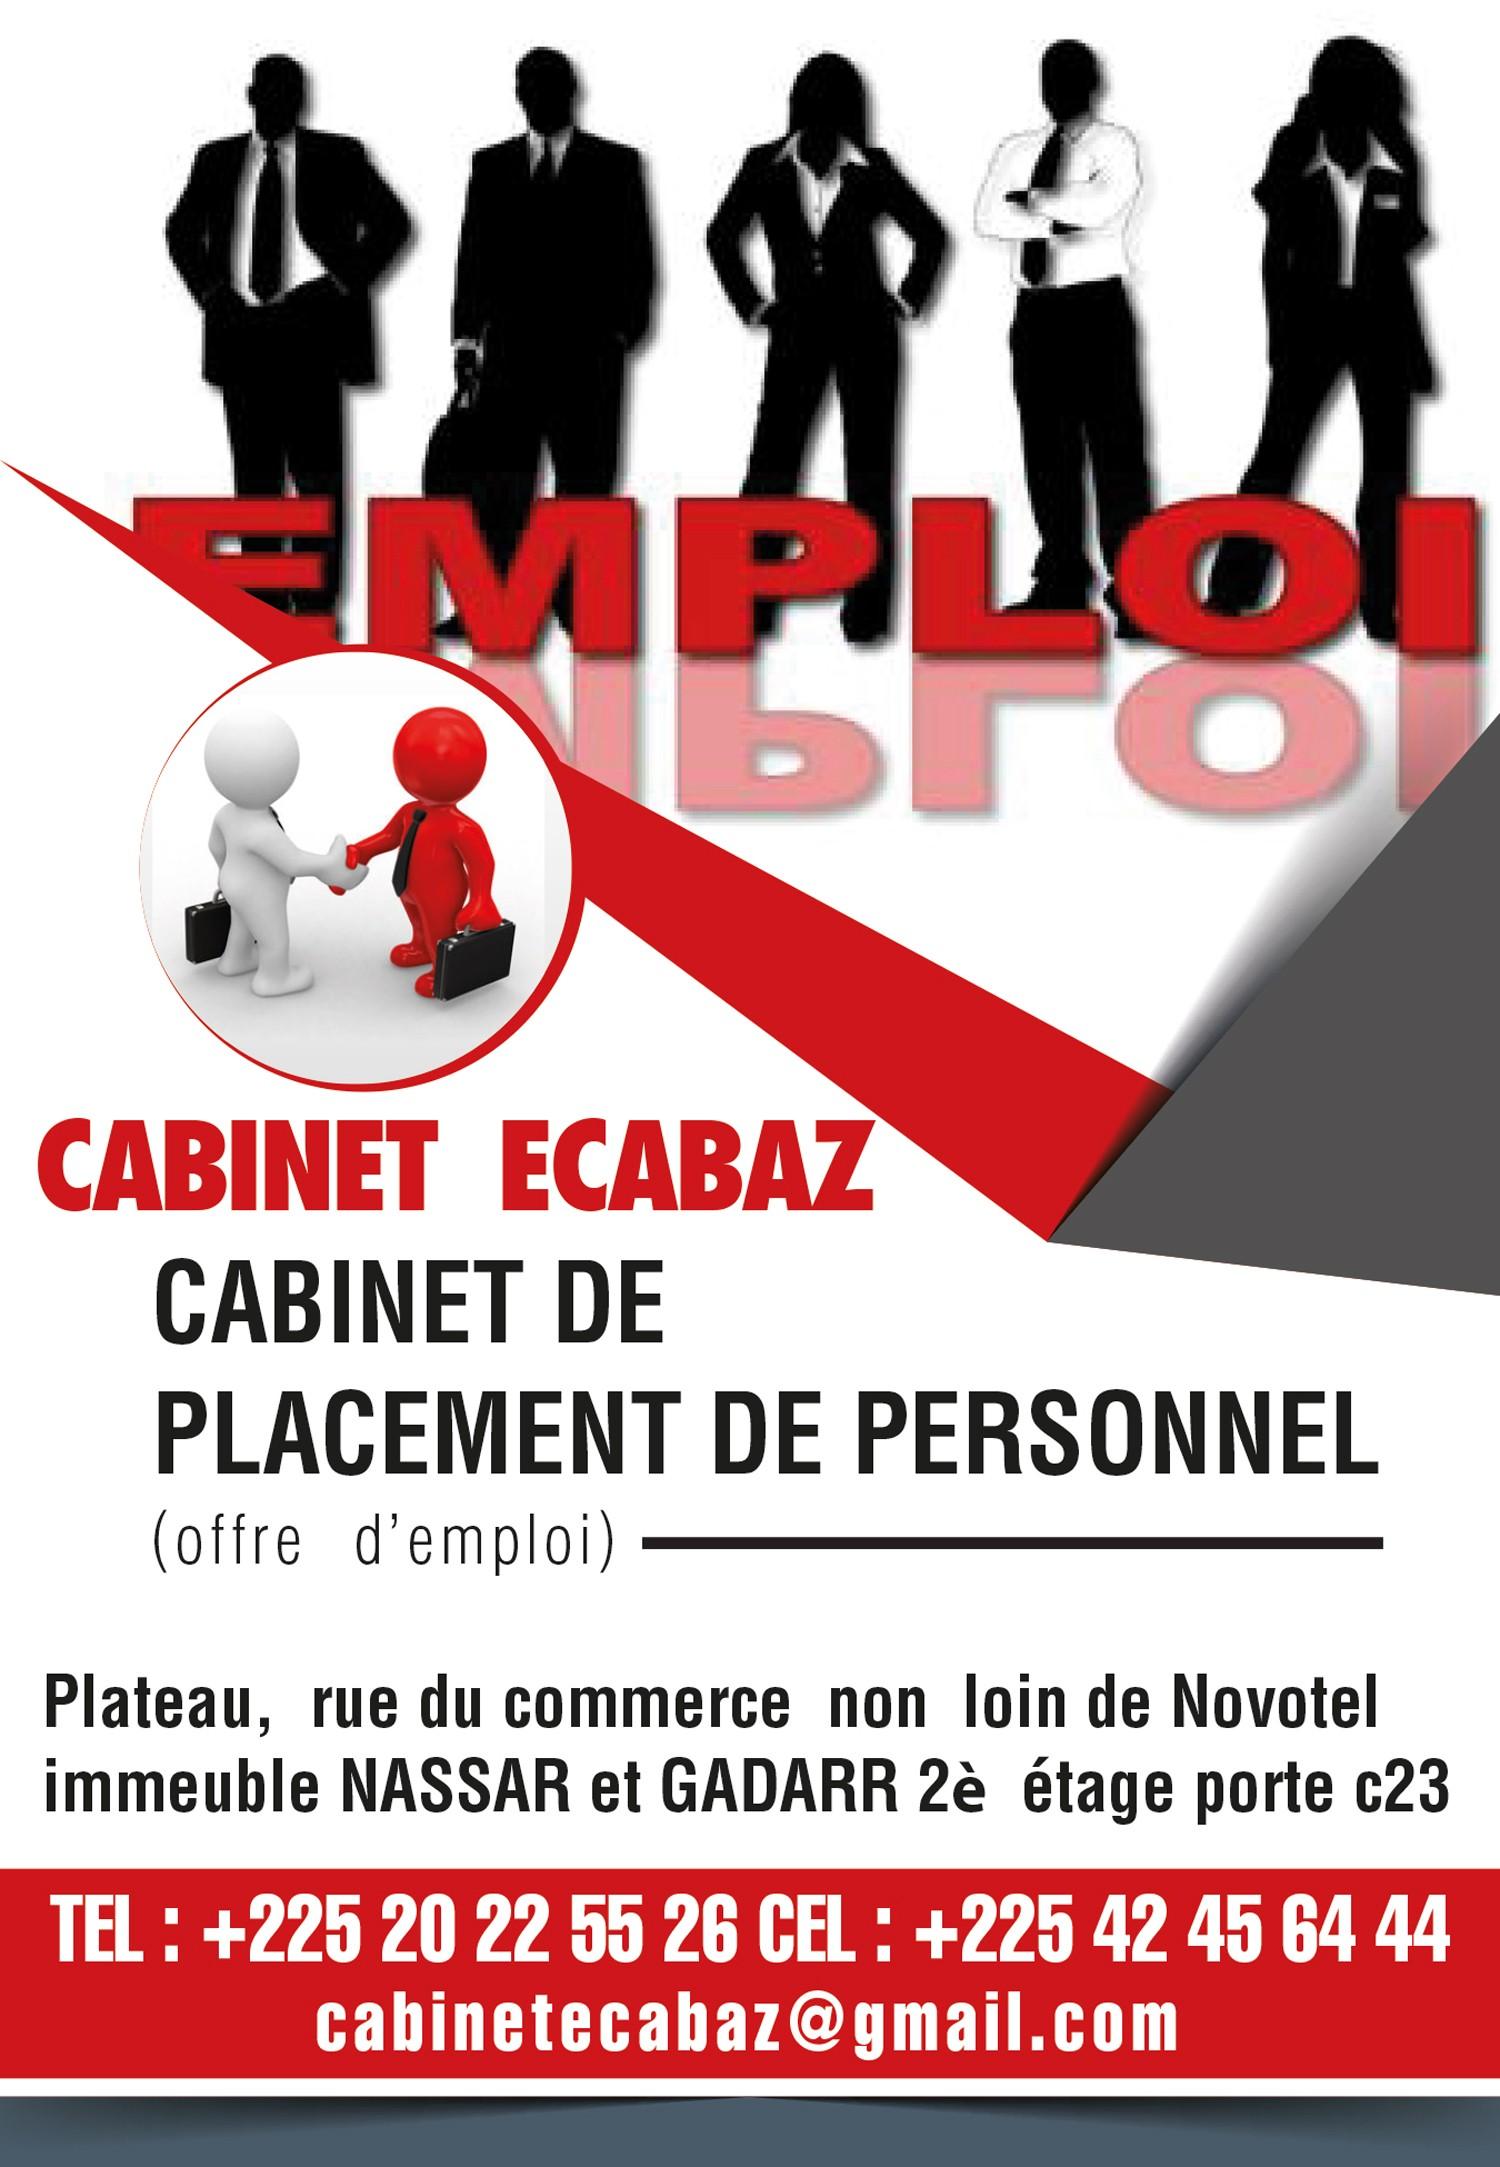 Cabinet ecabaz agences de recrutement - Business plan cabinet de recrutement ...